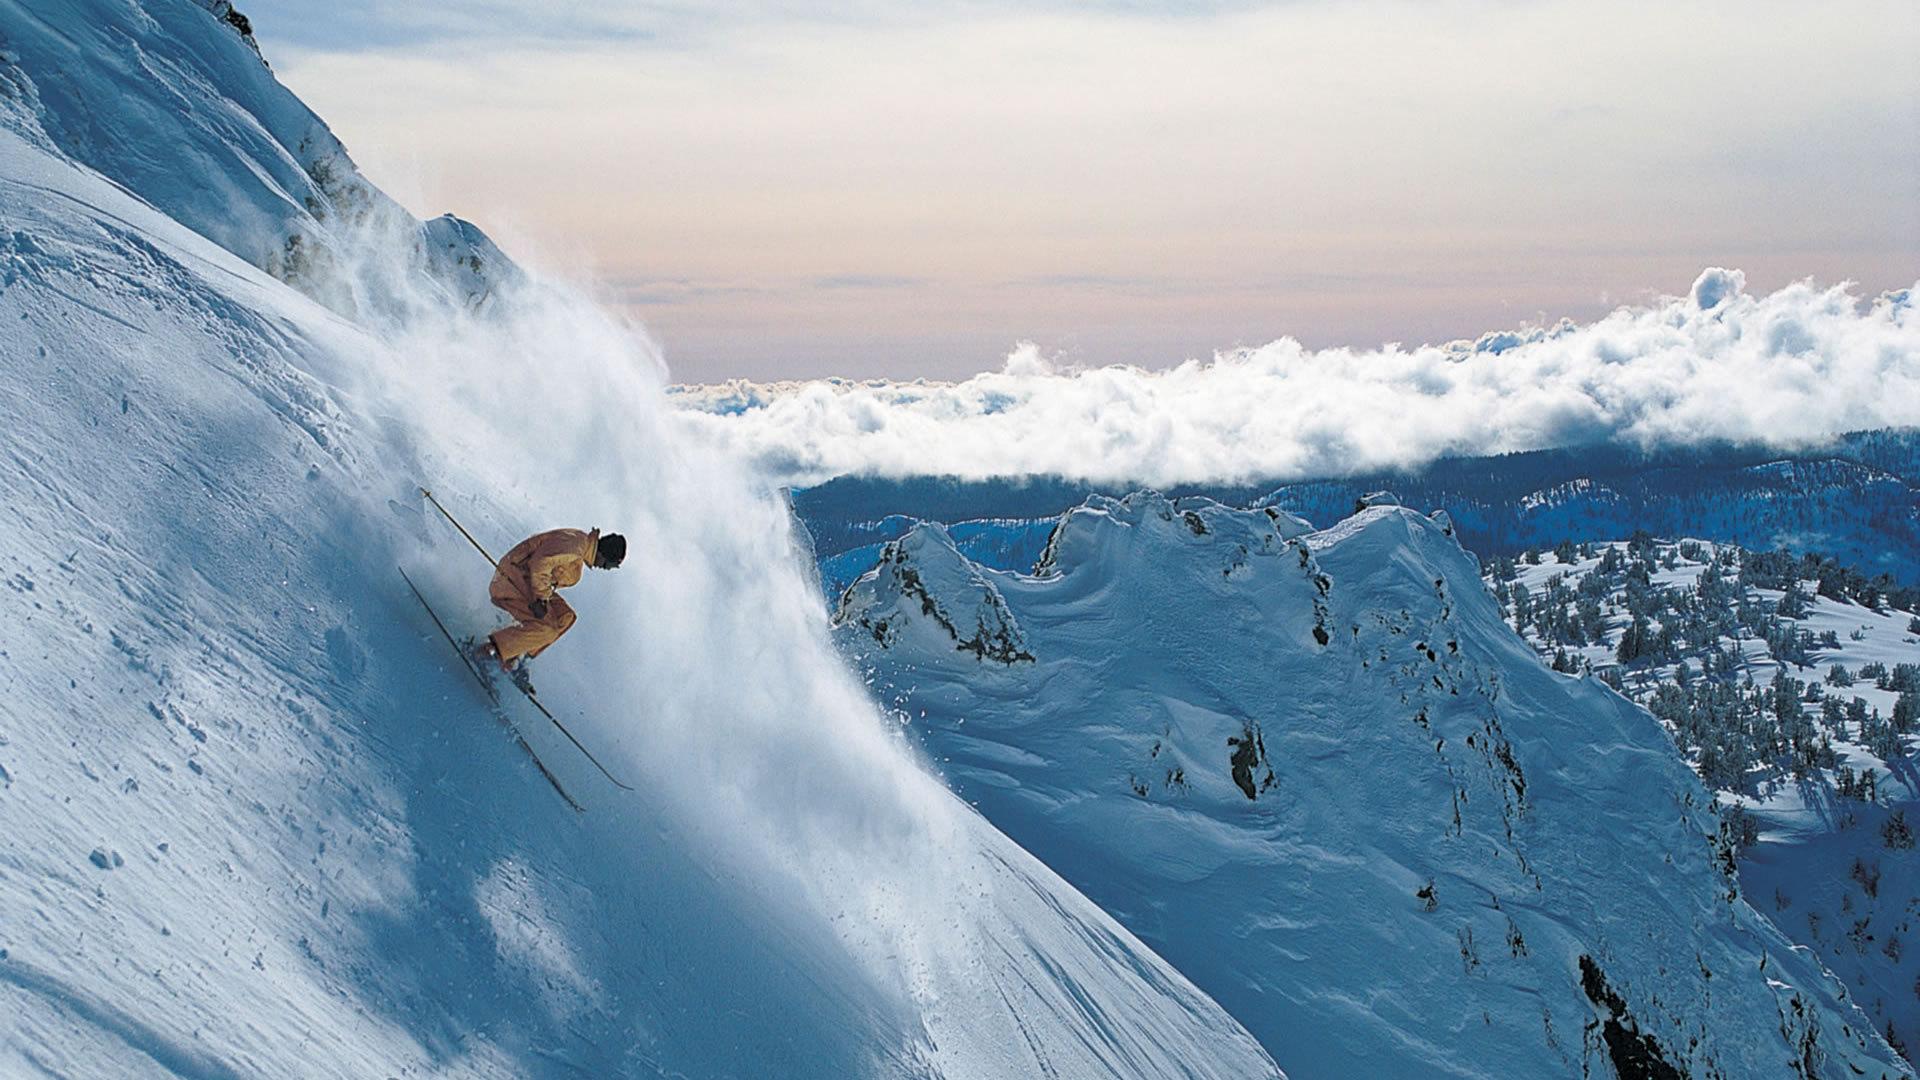 Картинки горнолыжника на фоне природы, рождением внука бабушка